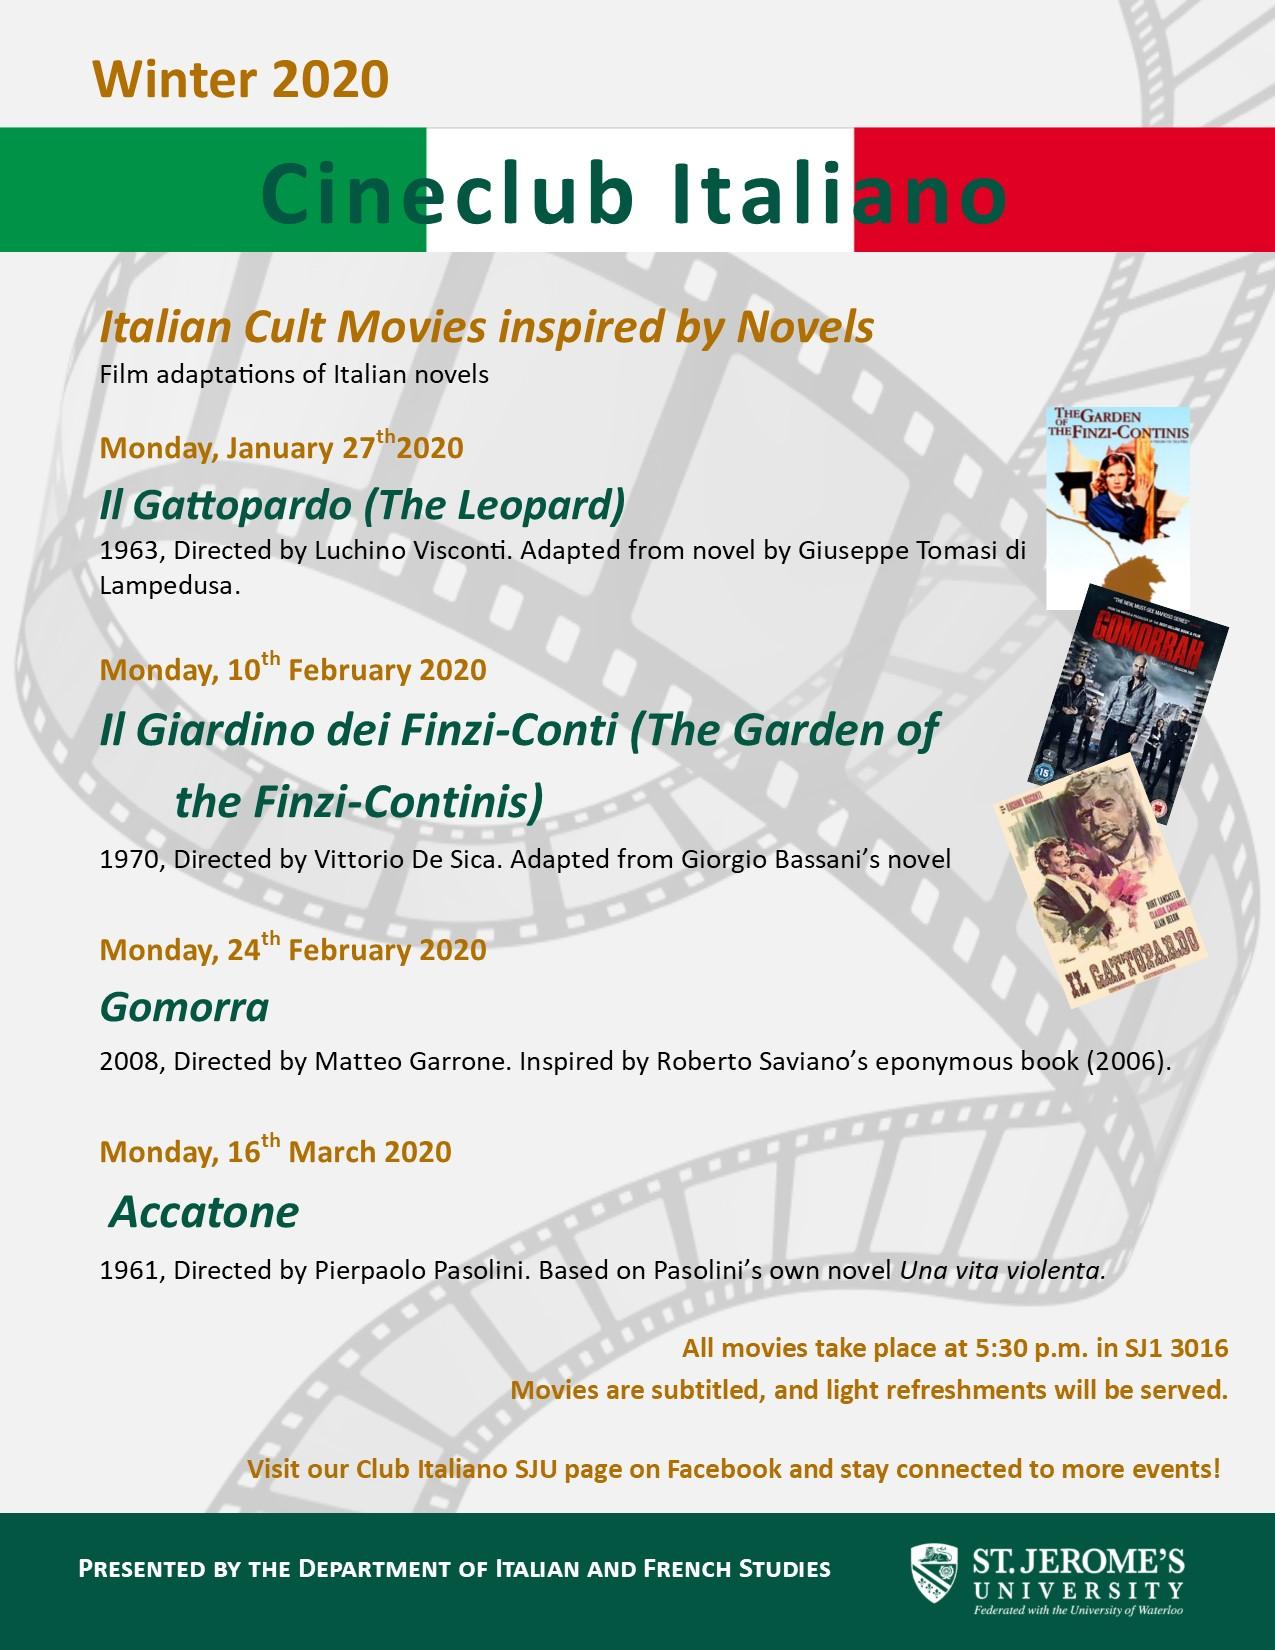 Poster - Cineclub Italiano Winter 2020